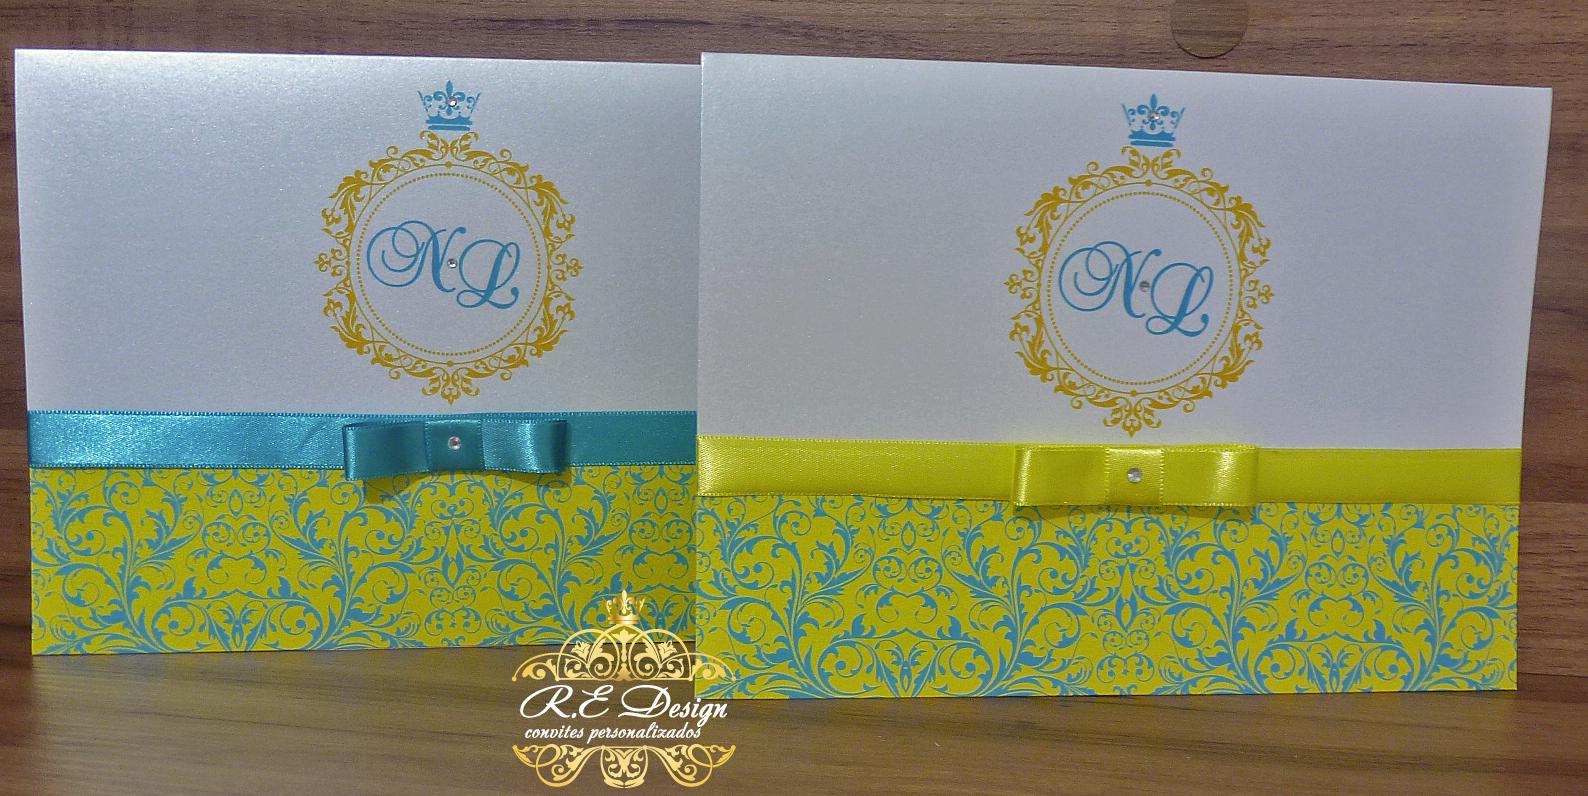 decoracao azul royal e amarelo casamento : decoracao azul royal e amarelo casamento:colecao-royal-casamento-convite-15-anos colecao-royal-casamento